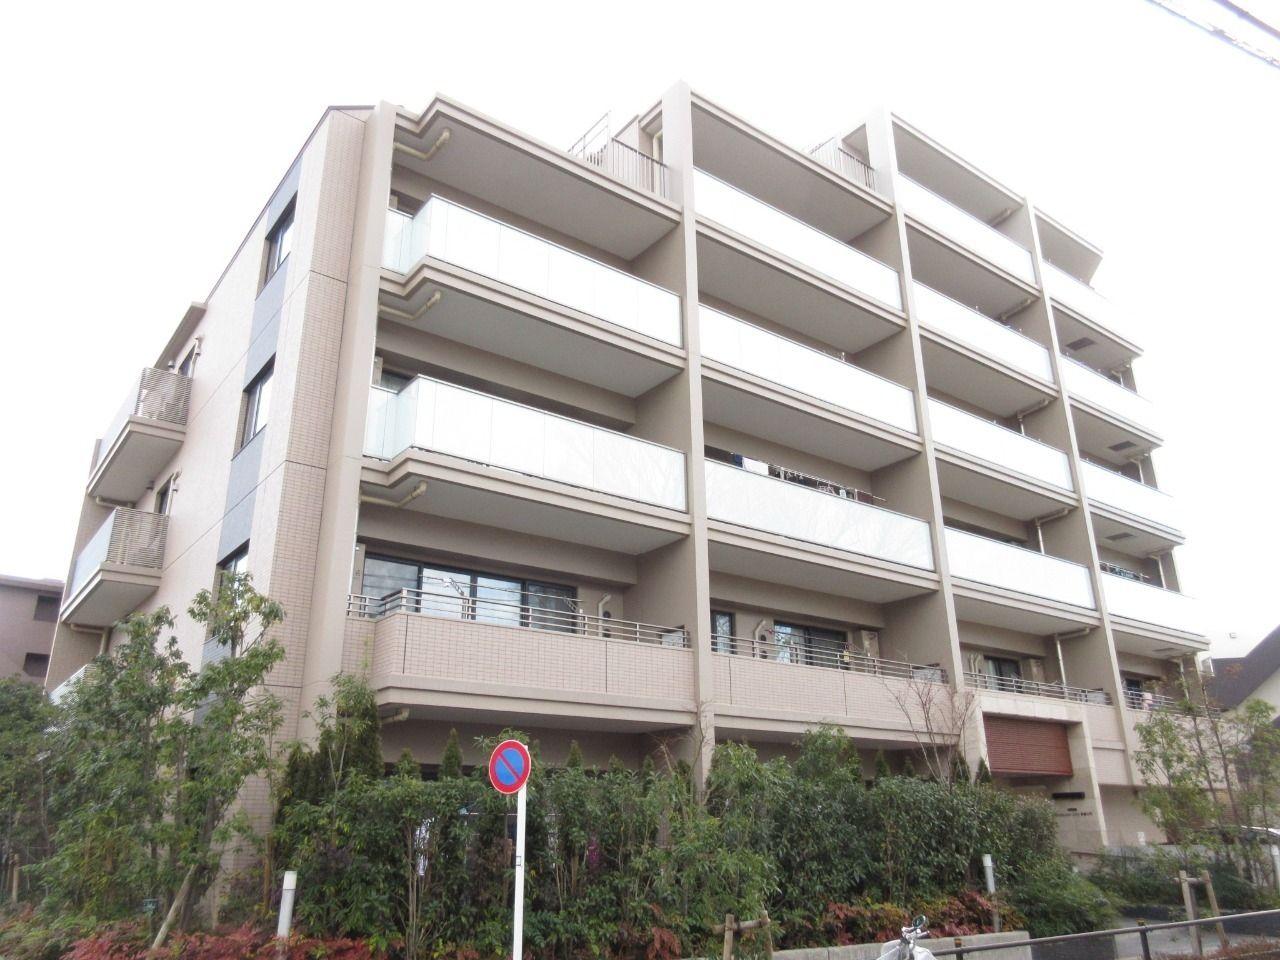 みなさまこんにちは。 板橋区大門の分譲賃貸マンション【エクセレントシティ板橋大門203号室】を藤ホーム地所株式会社の遠藤がご紹介いたします。